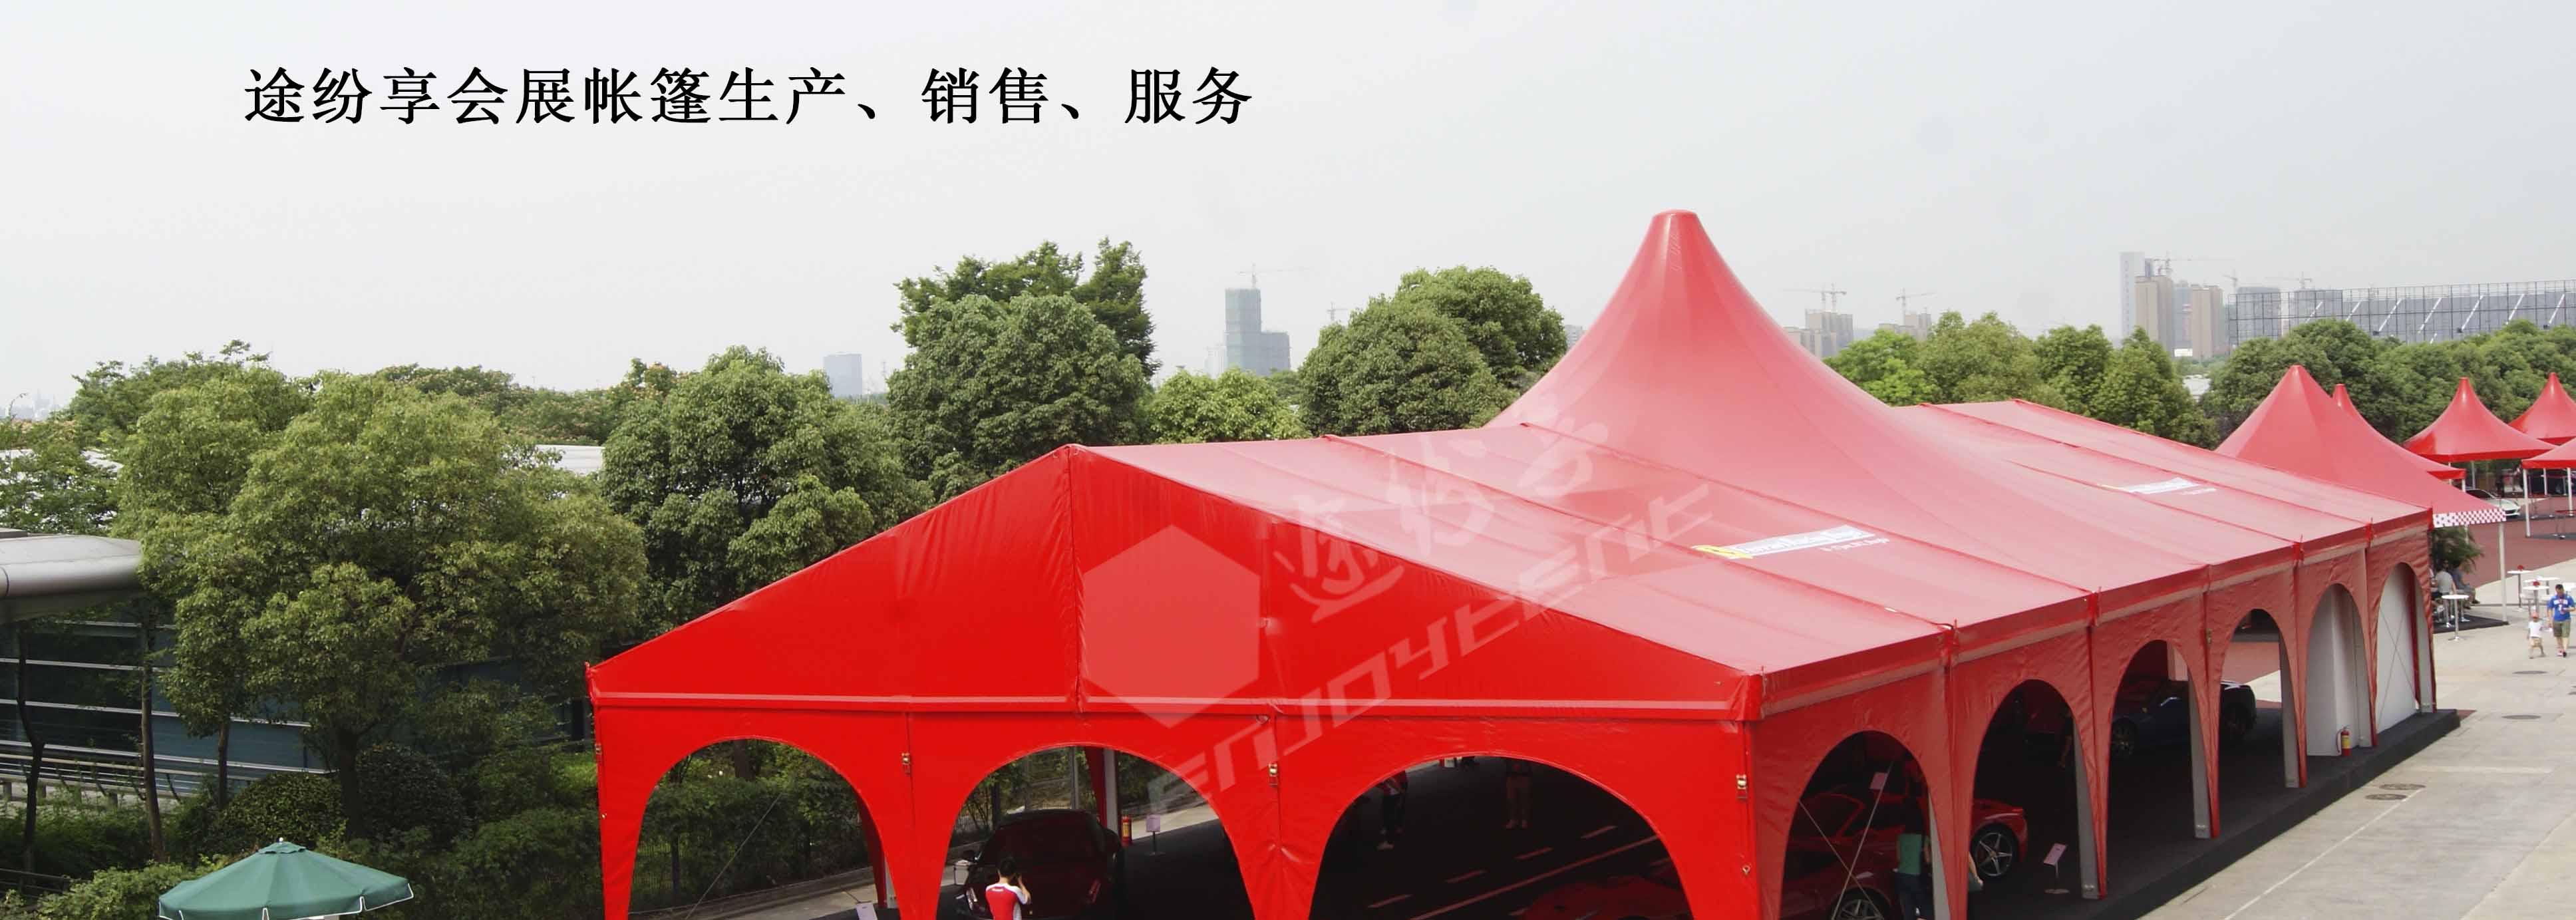 厦门知名会展帐篷制造厂家,会展帐篷